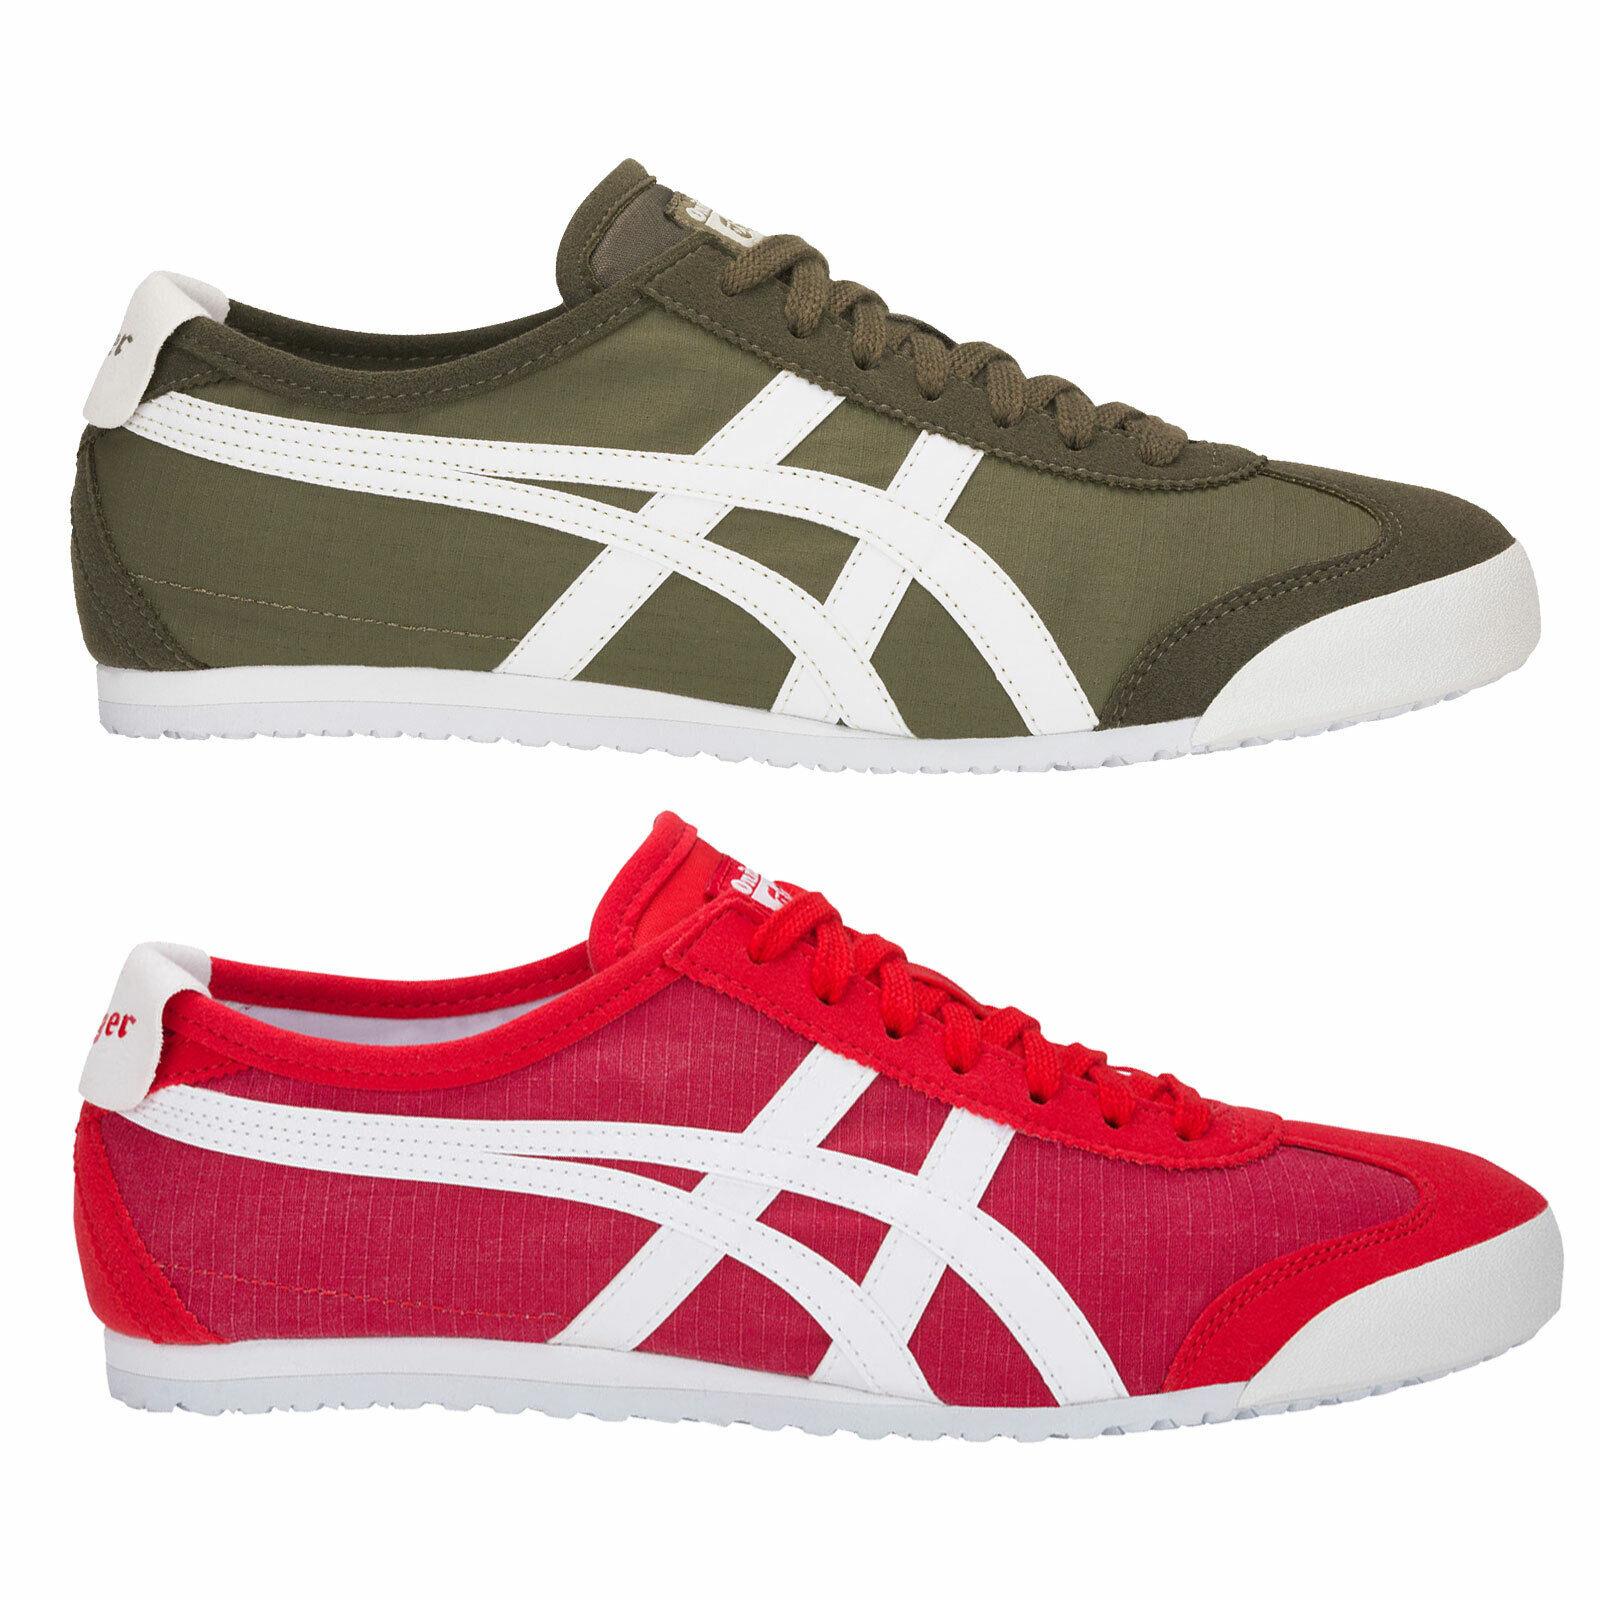 Onitsuka Tiger méxico 66 caballeros-cortos de tela asics textil zapatos zapato bajo nuevo